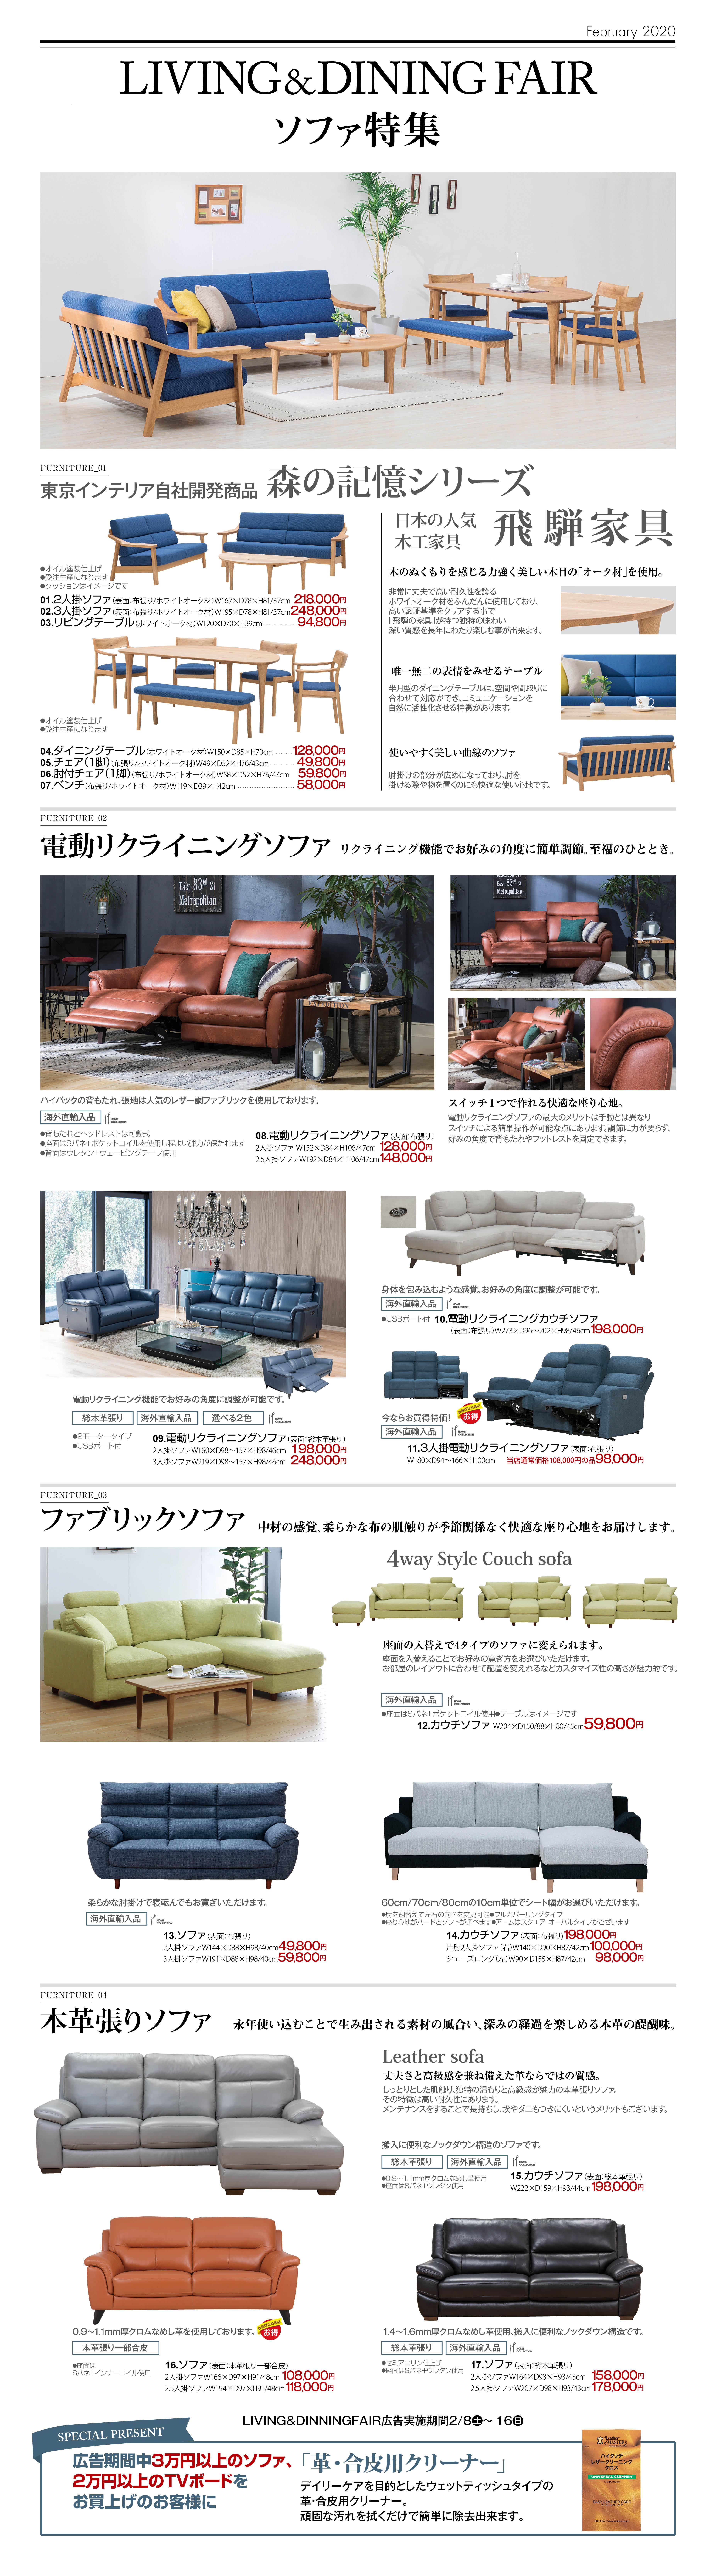 http://www.tokyointerior.co.jp/topic/img/0208_LINE_LP_02.jpg